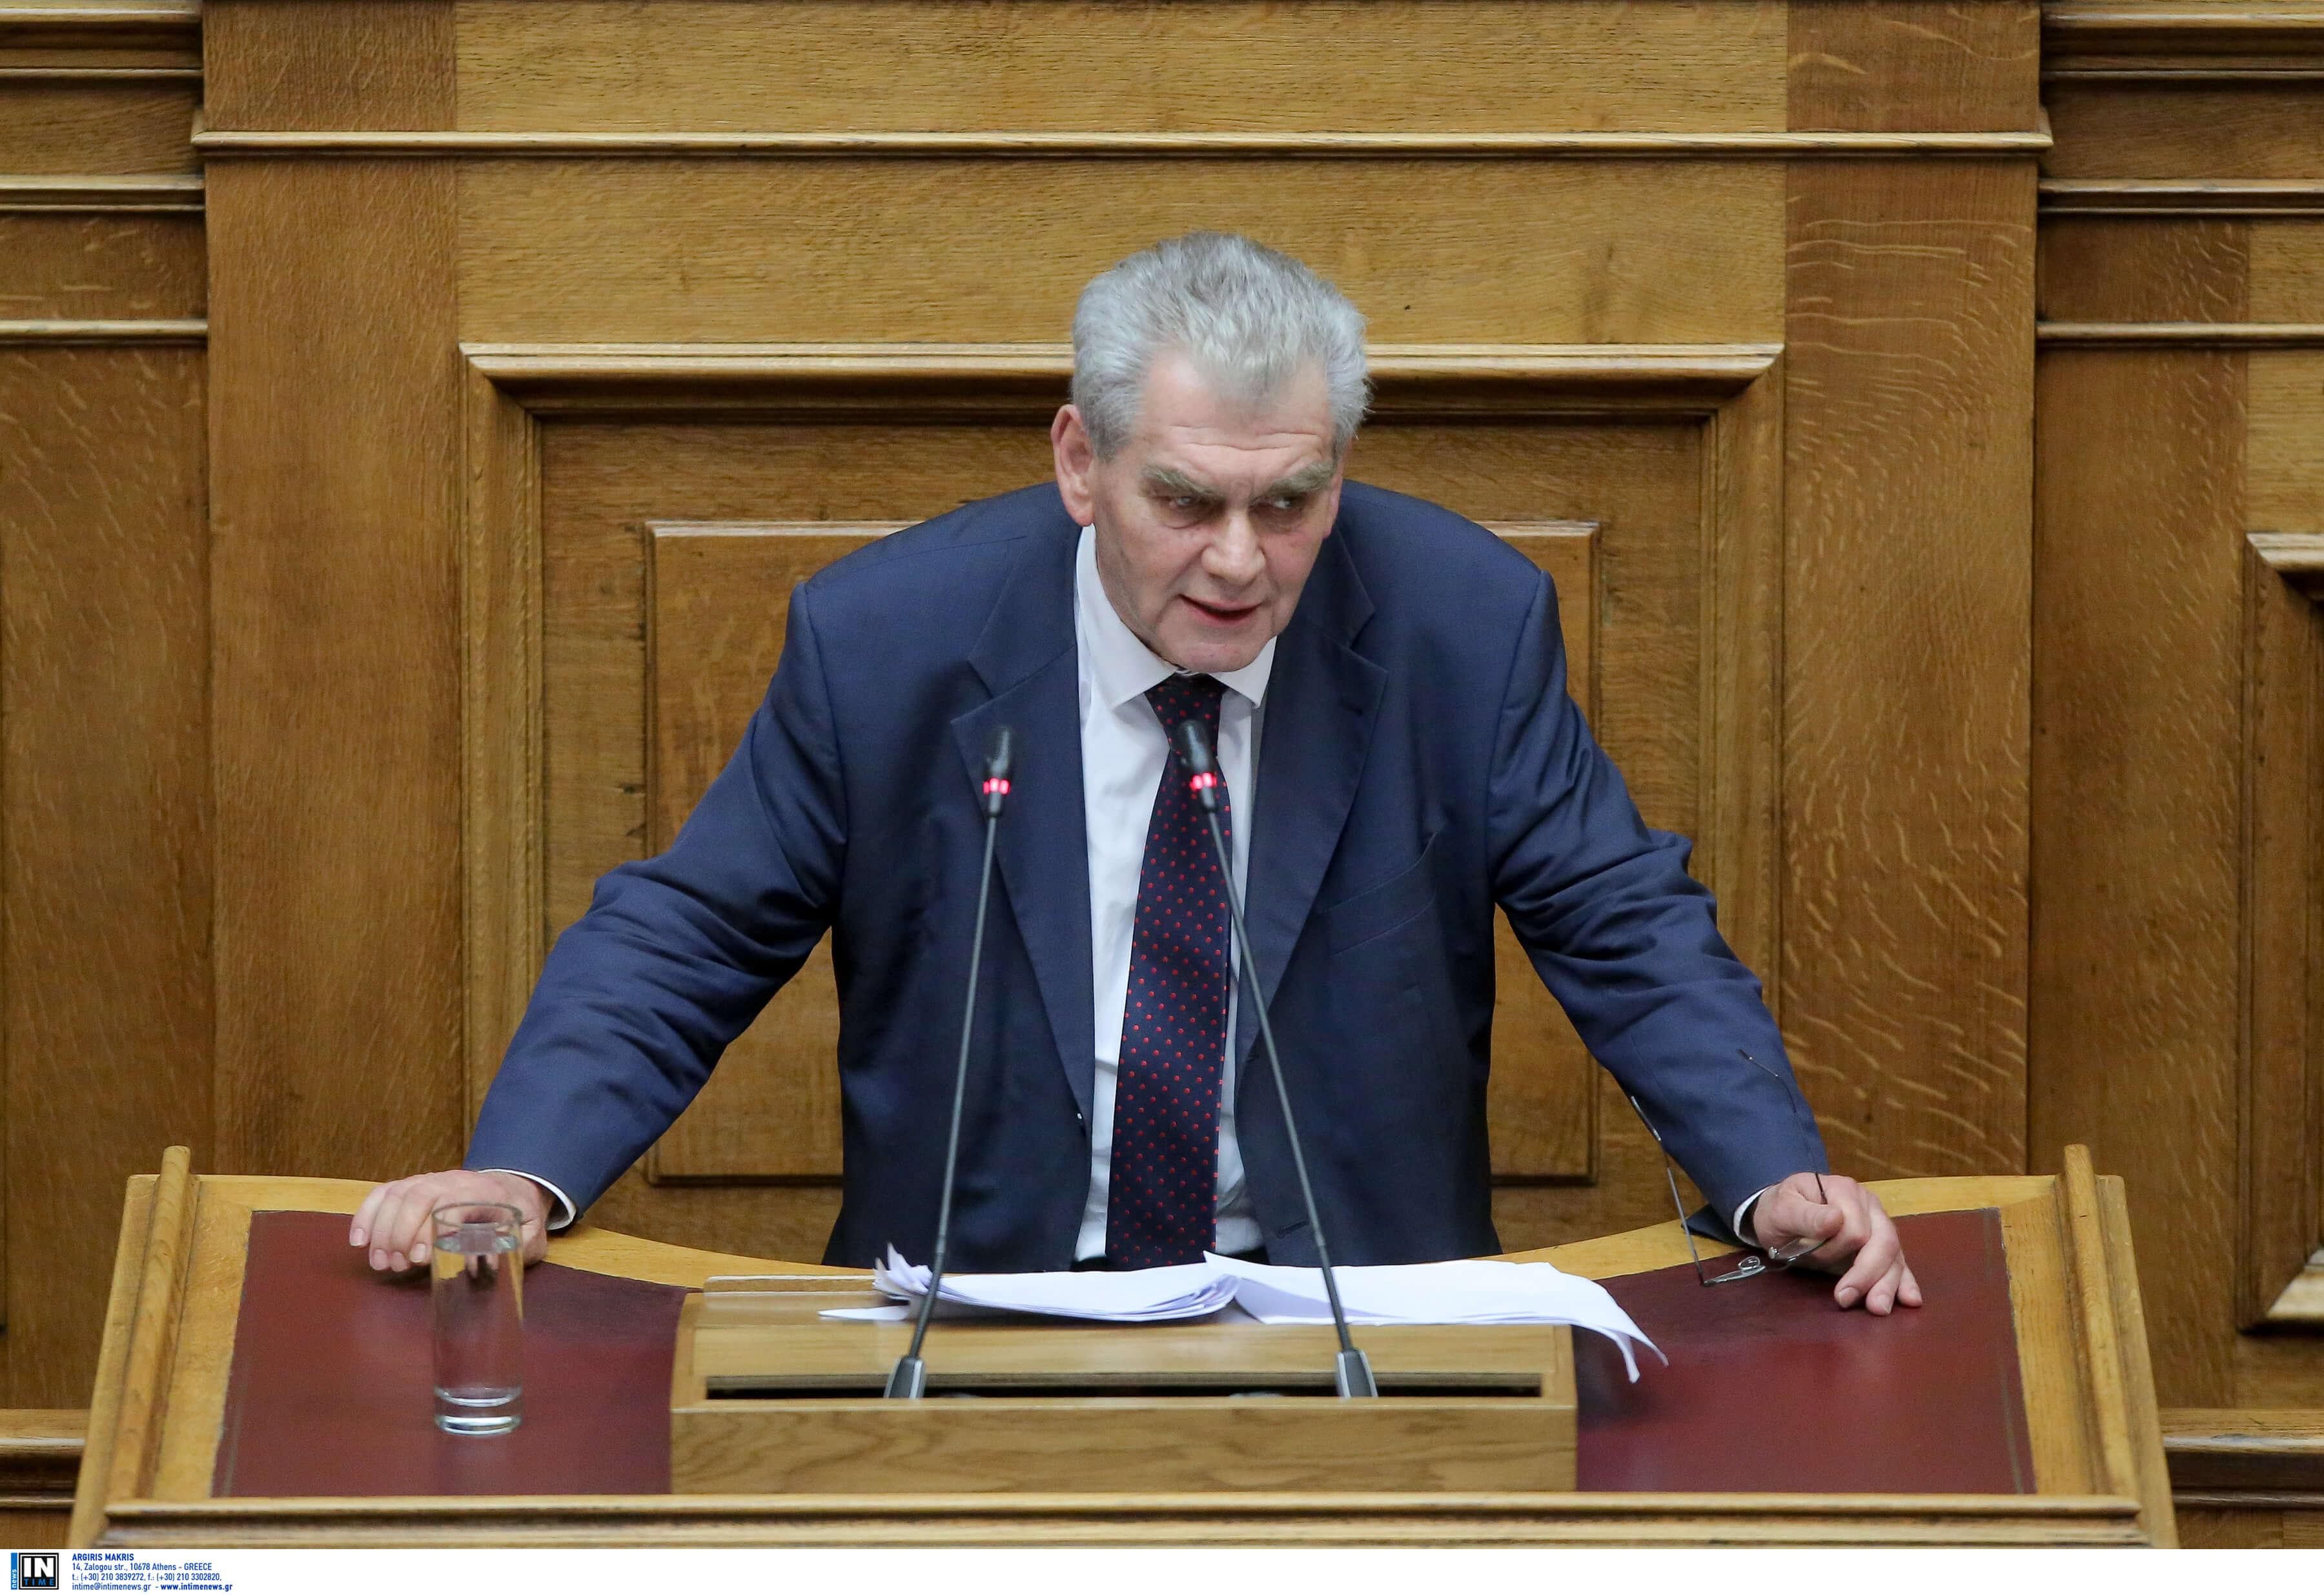 Δημήτρης Παπαγγελόπουλος: Δεν υπάρχει κανένα σκάνδαλο ούτε για Ξεπαδέα, ούτε για Πετσίτη